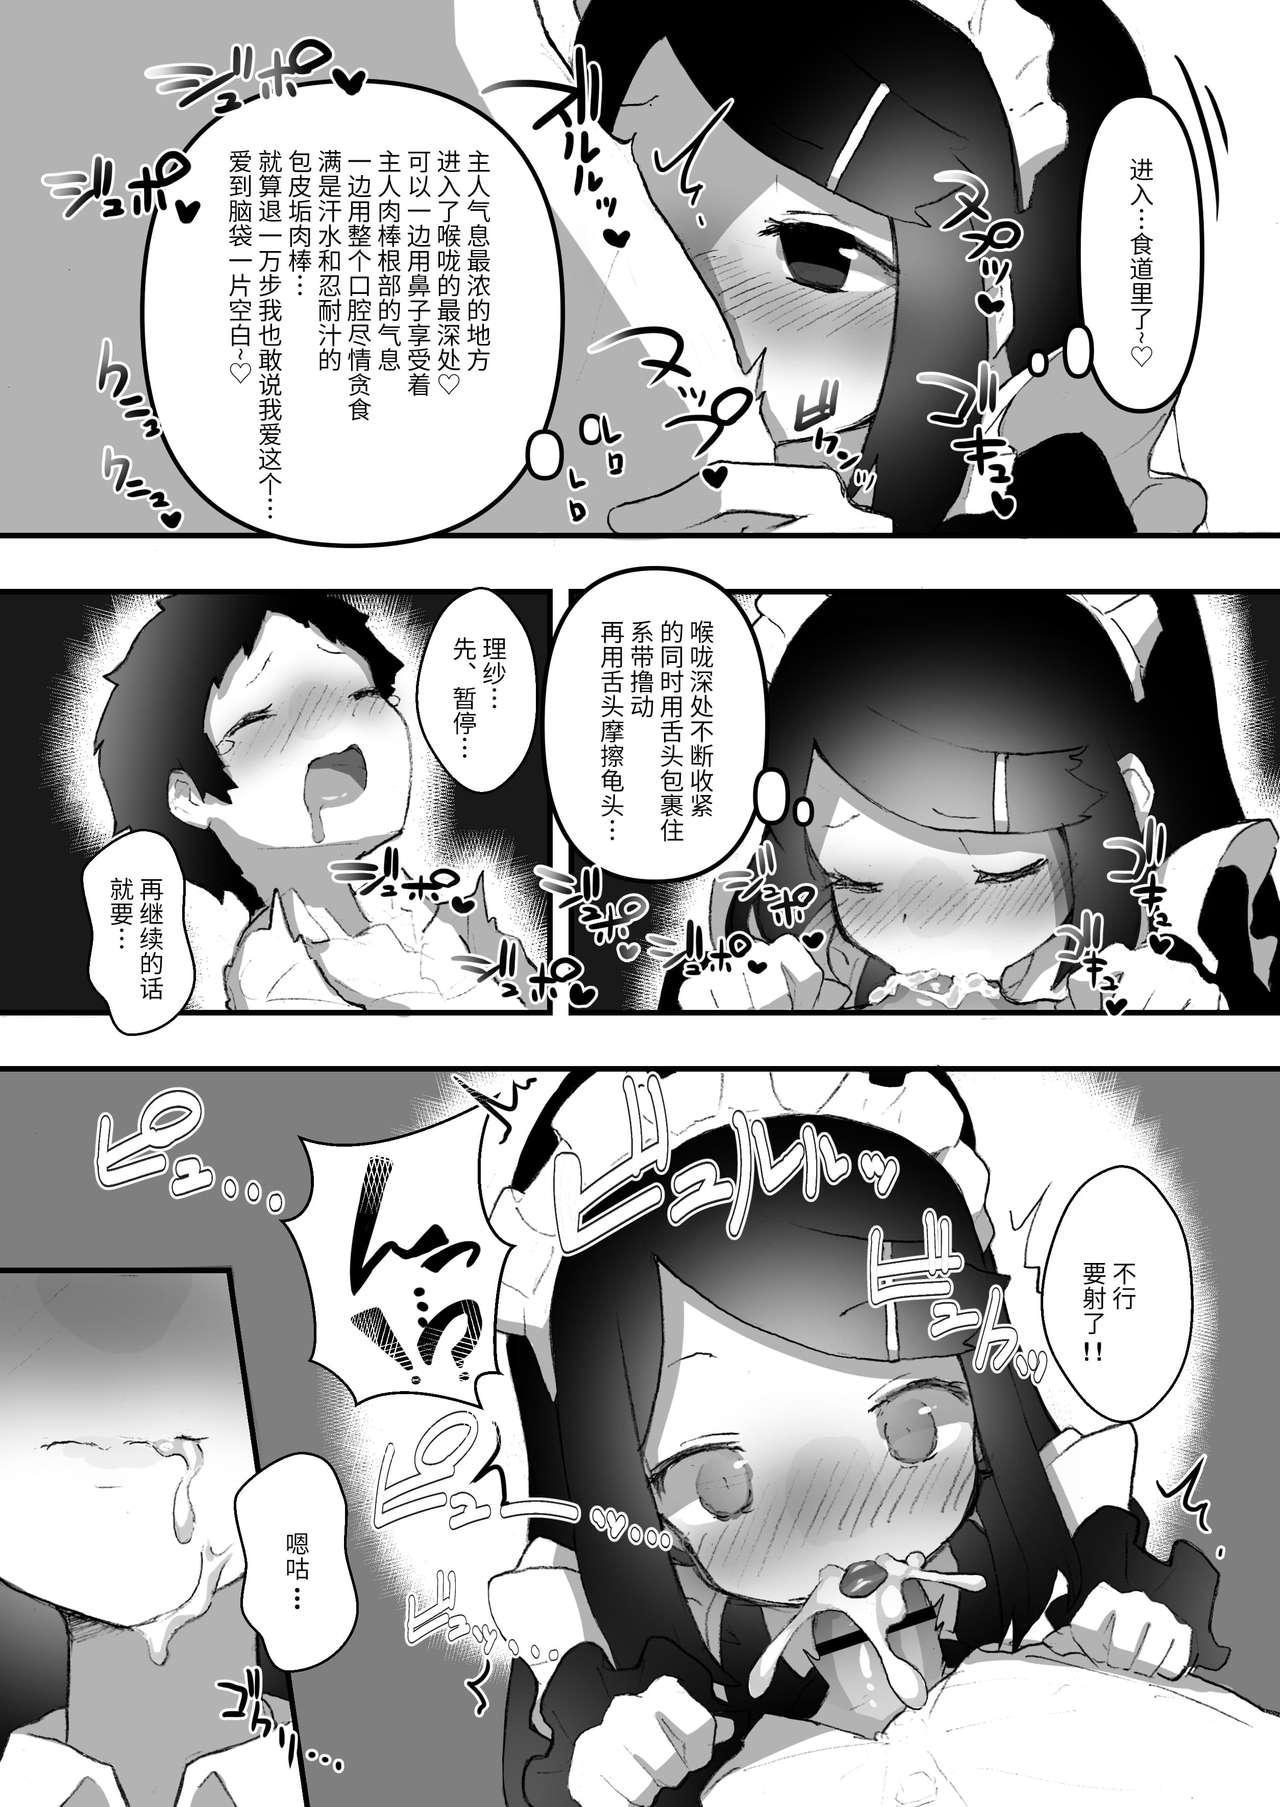 Chinkasu de kimaru Onna-tachi Comic Anthology 87